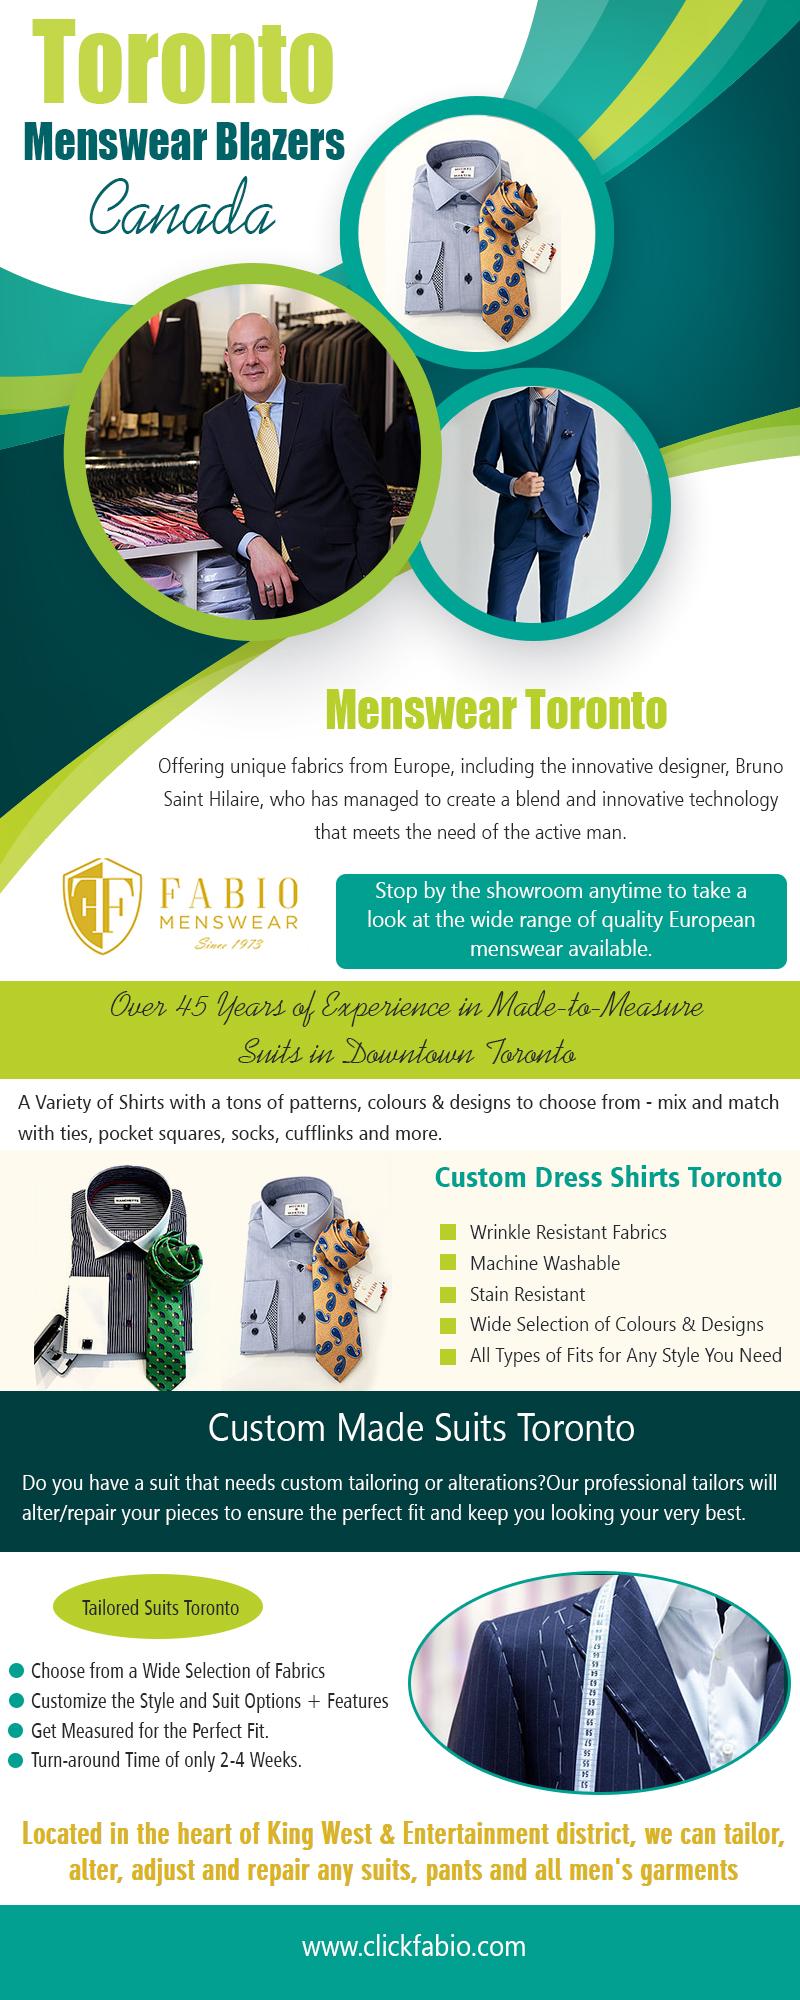 Toronto Menswear Blazers Canada | Call – (416) 364-2480 | clickfabio.com